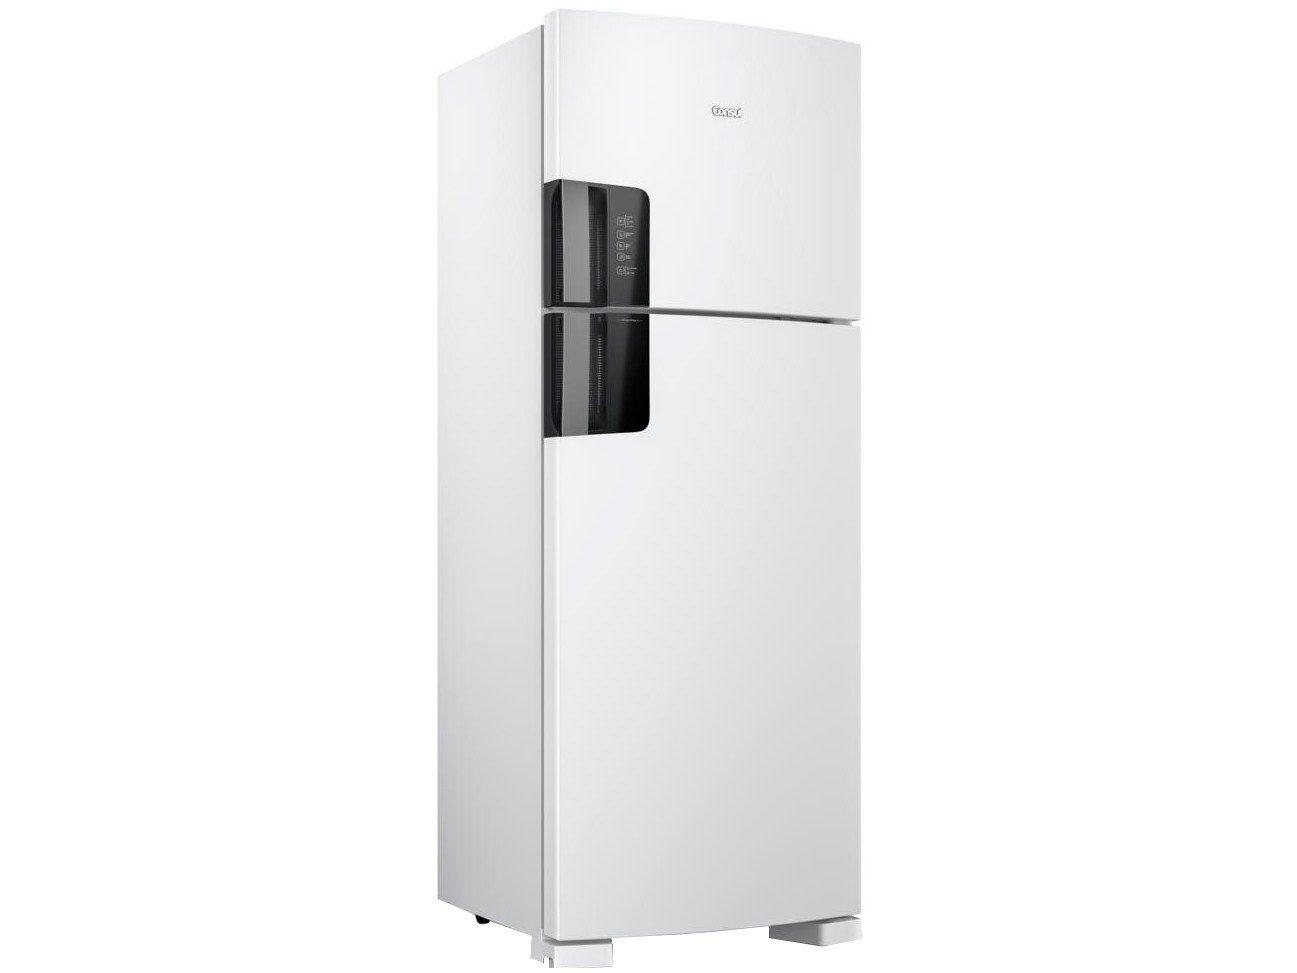 Geladeira/Refrigerador Consul Frost Free - Duplex Branco 450L CRM56HB - 110 V - 3